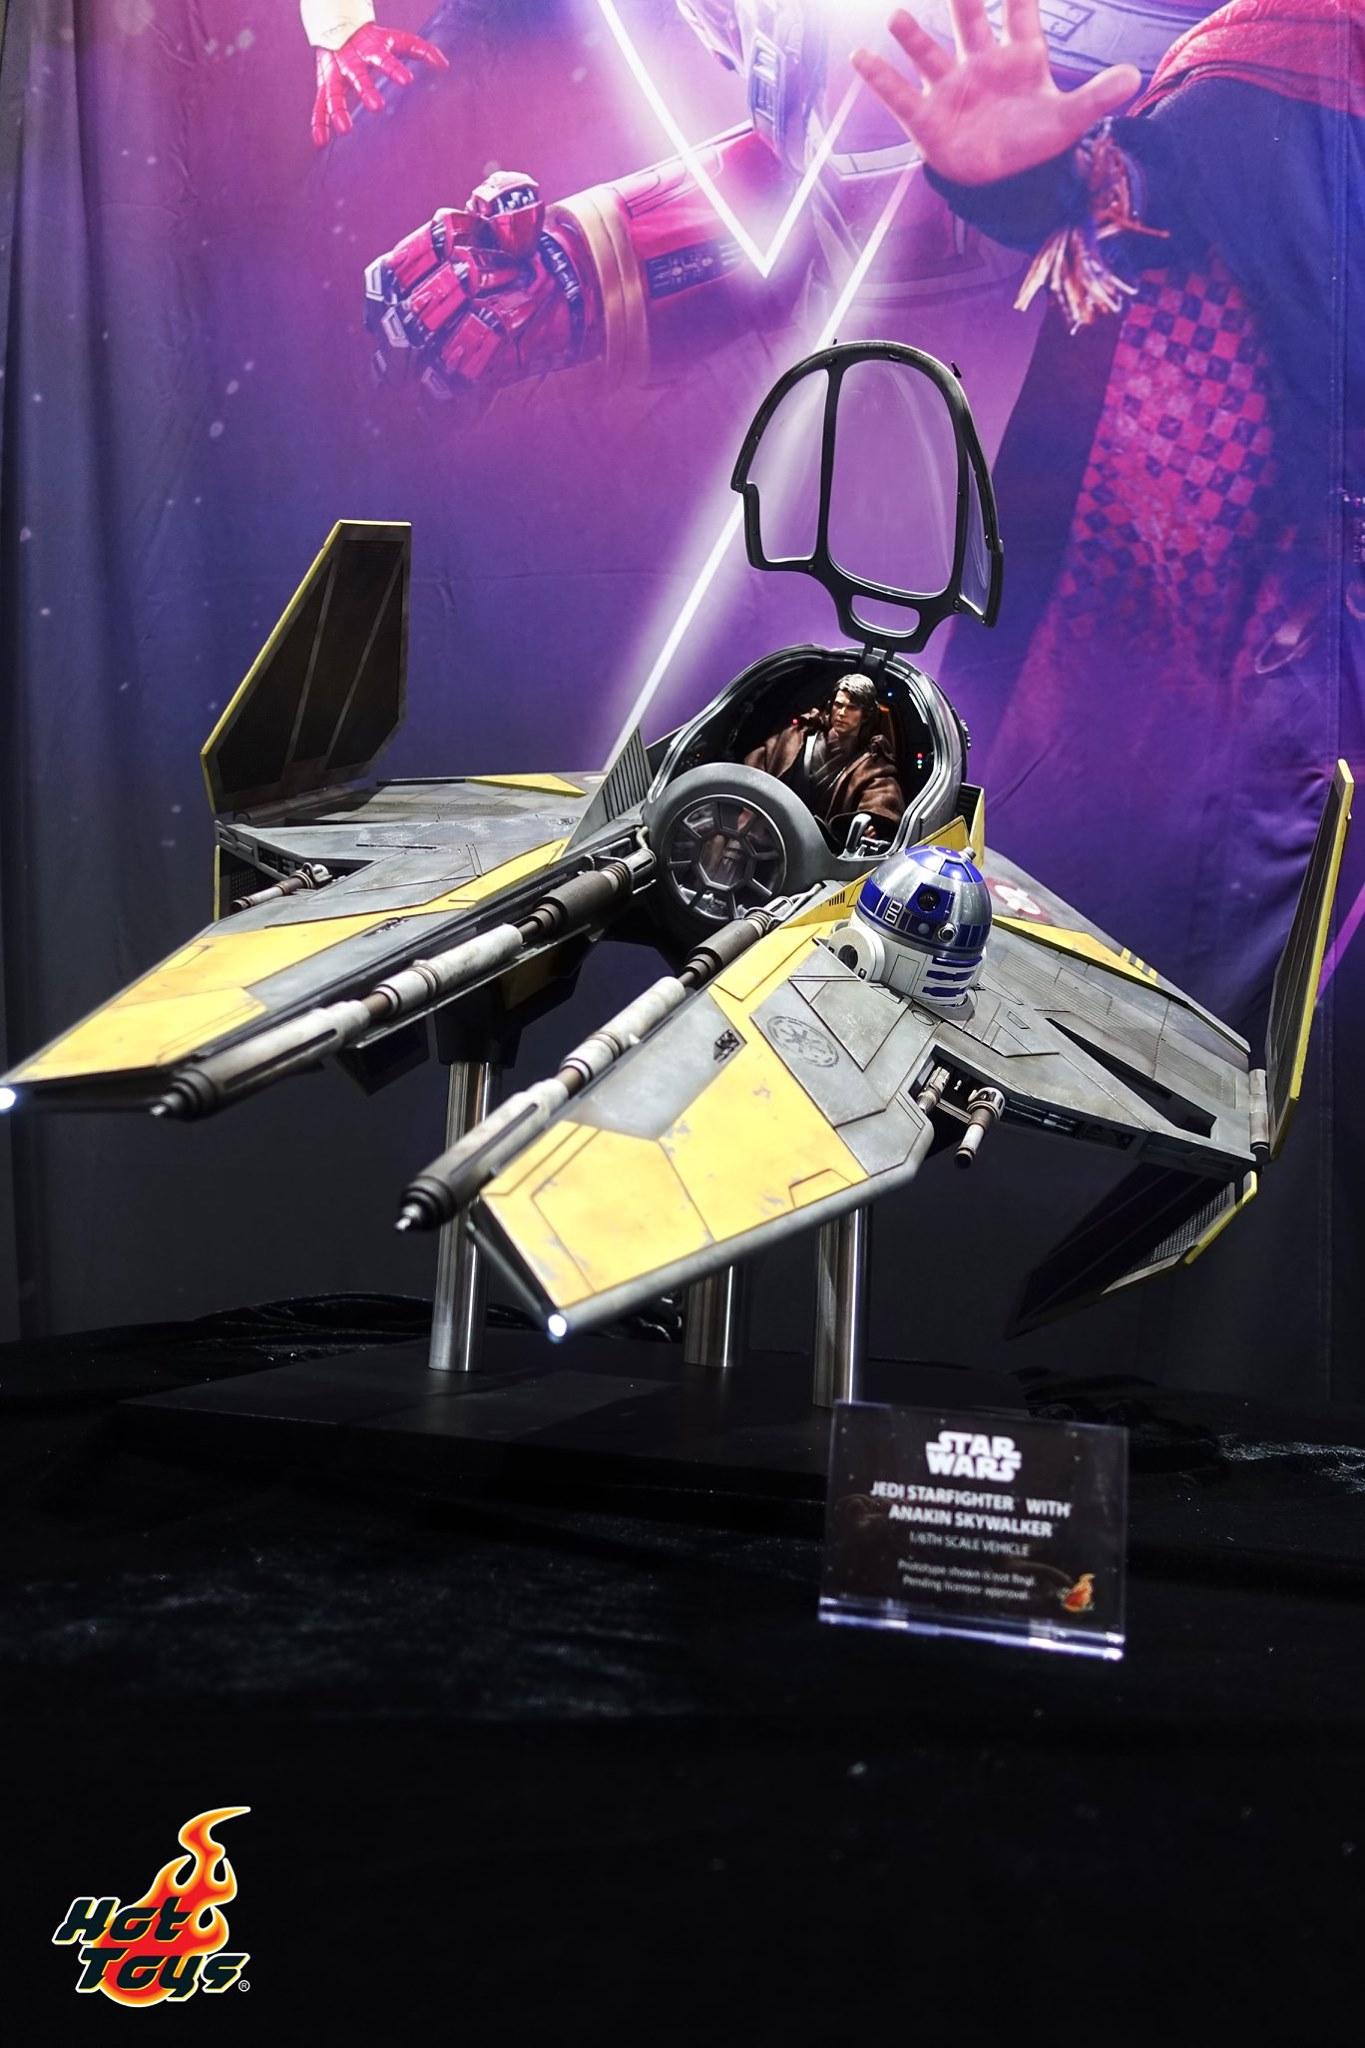 Star Wars Episode III: Jedi Starfighter with Anakin Skywalker